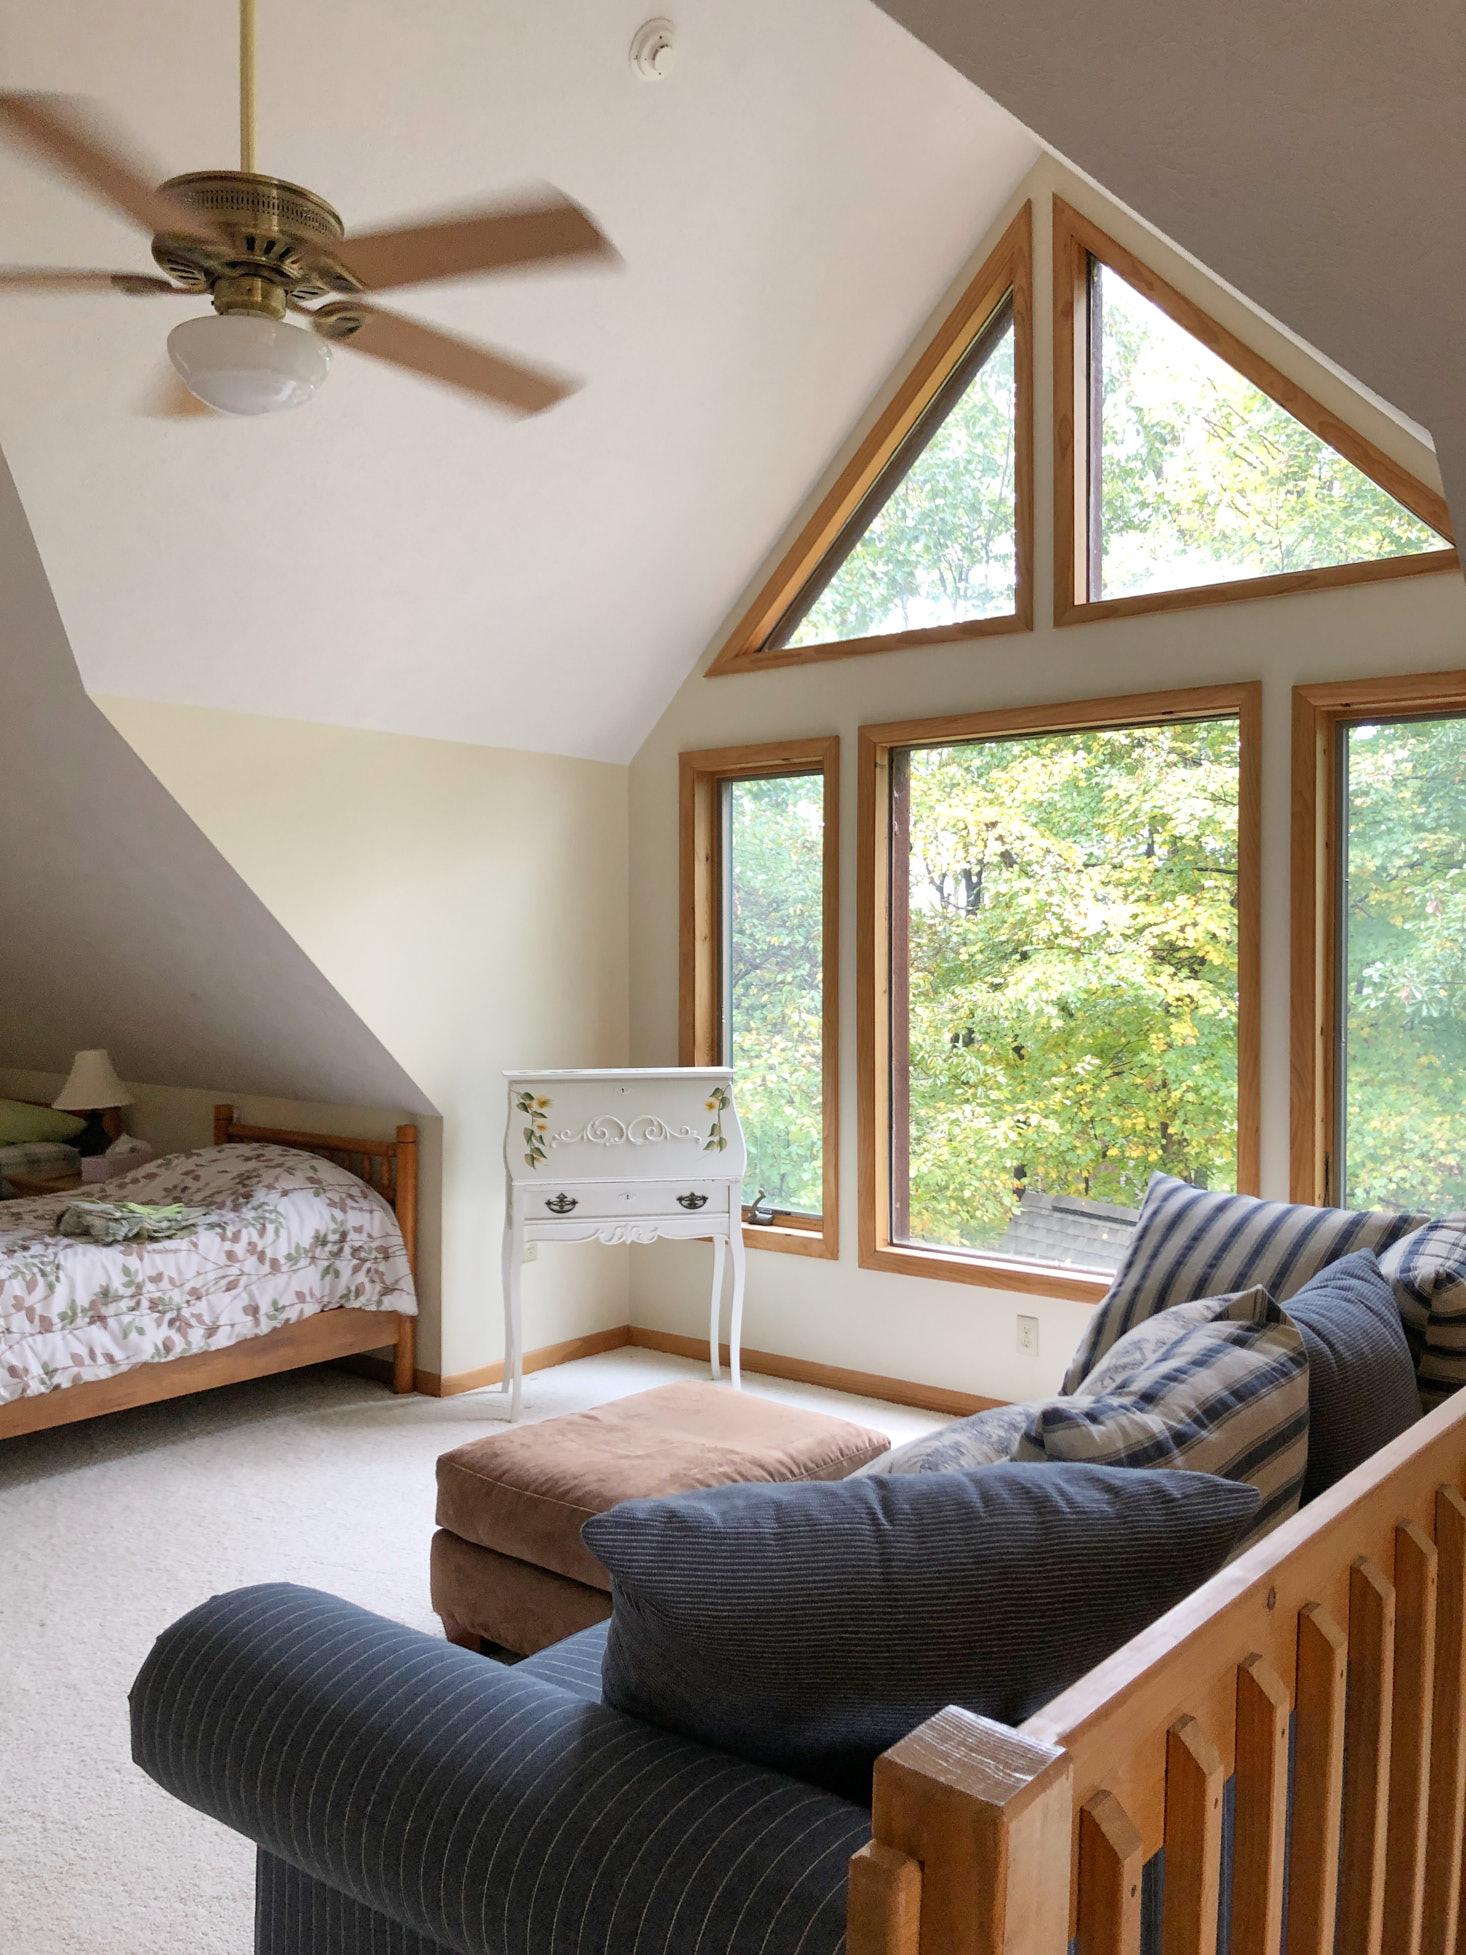 Triangle windows and ceiling fan in cabin loft